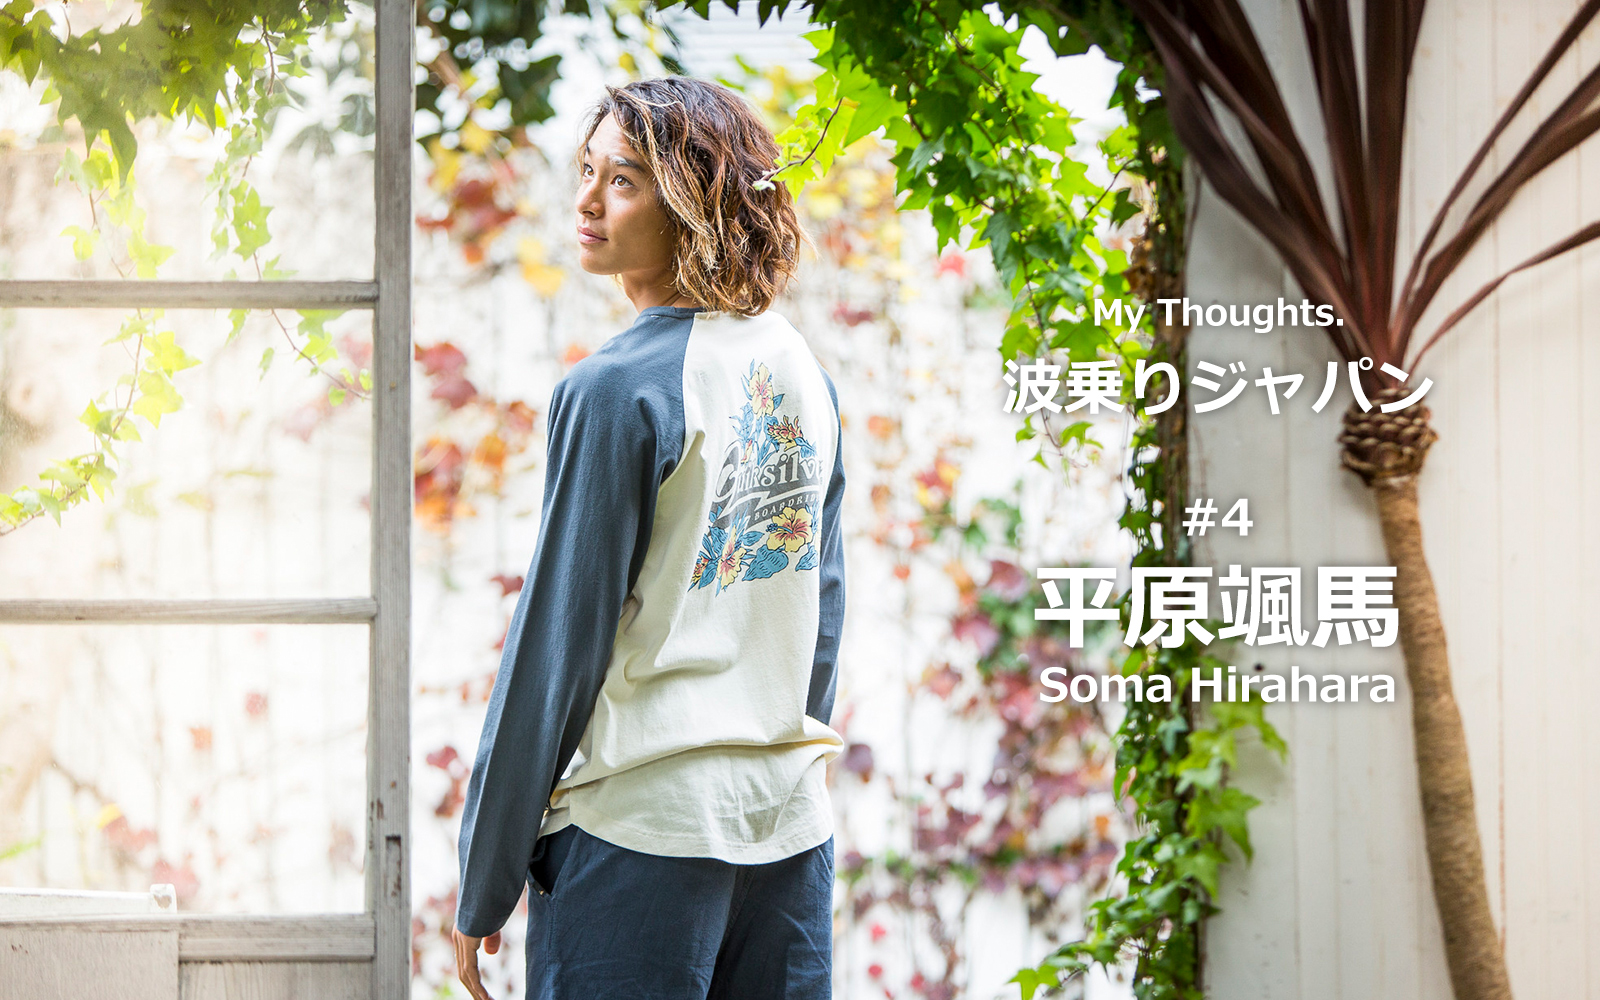 My Thoughts.波乗りジャパン#4平原颯馬Soma Hirahara